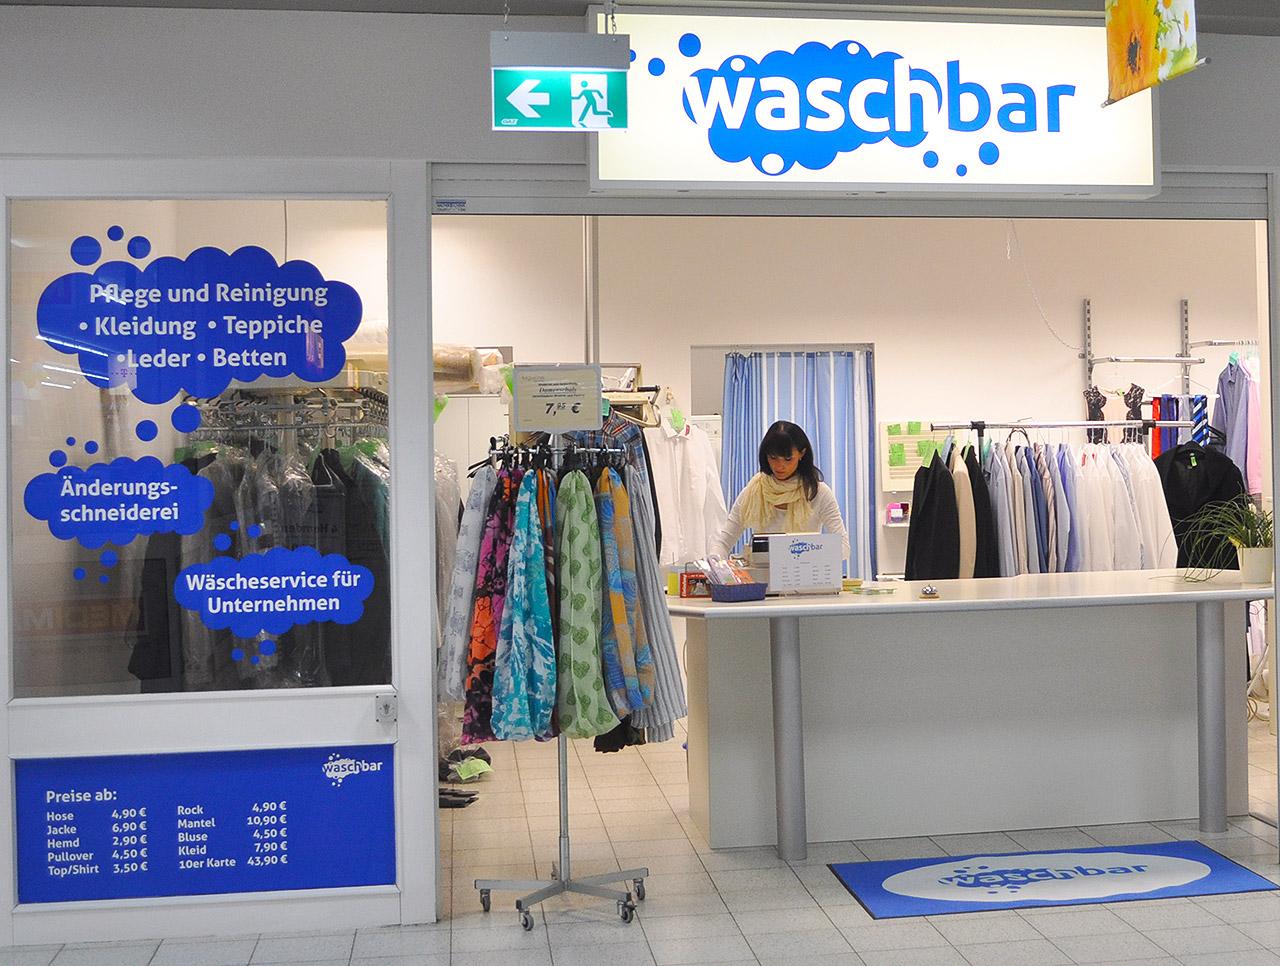 waschbar-glauchau-start